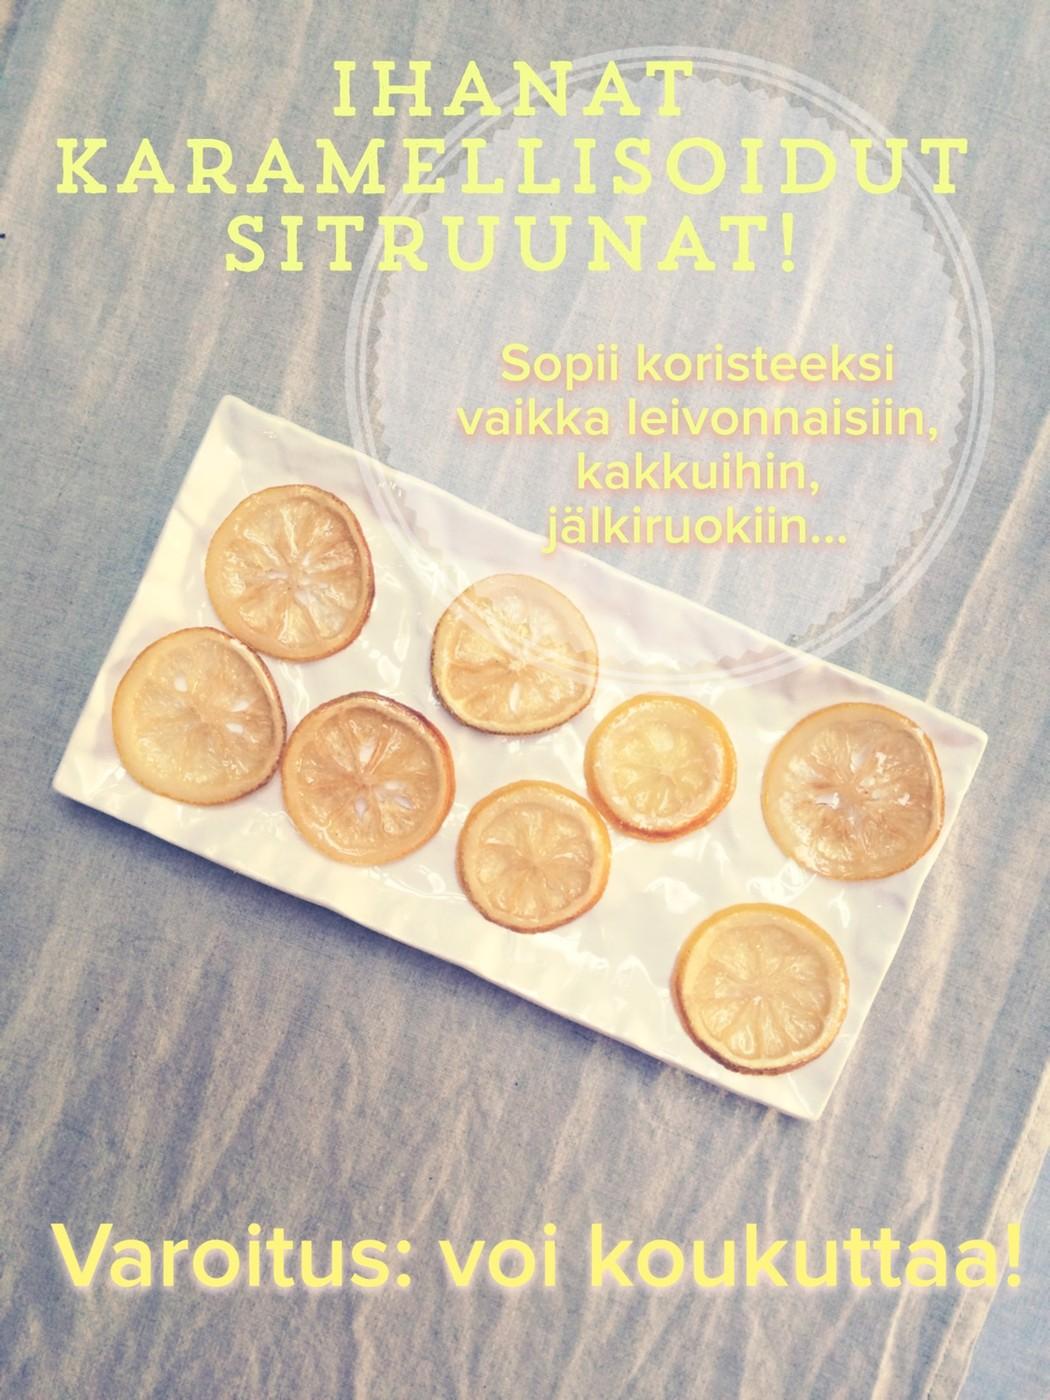 Taivaallisen kauniit (ja makeat) sitruunat.